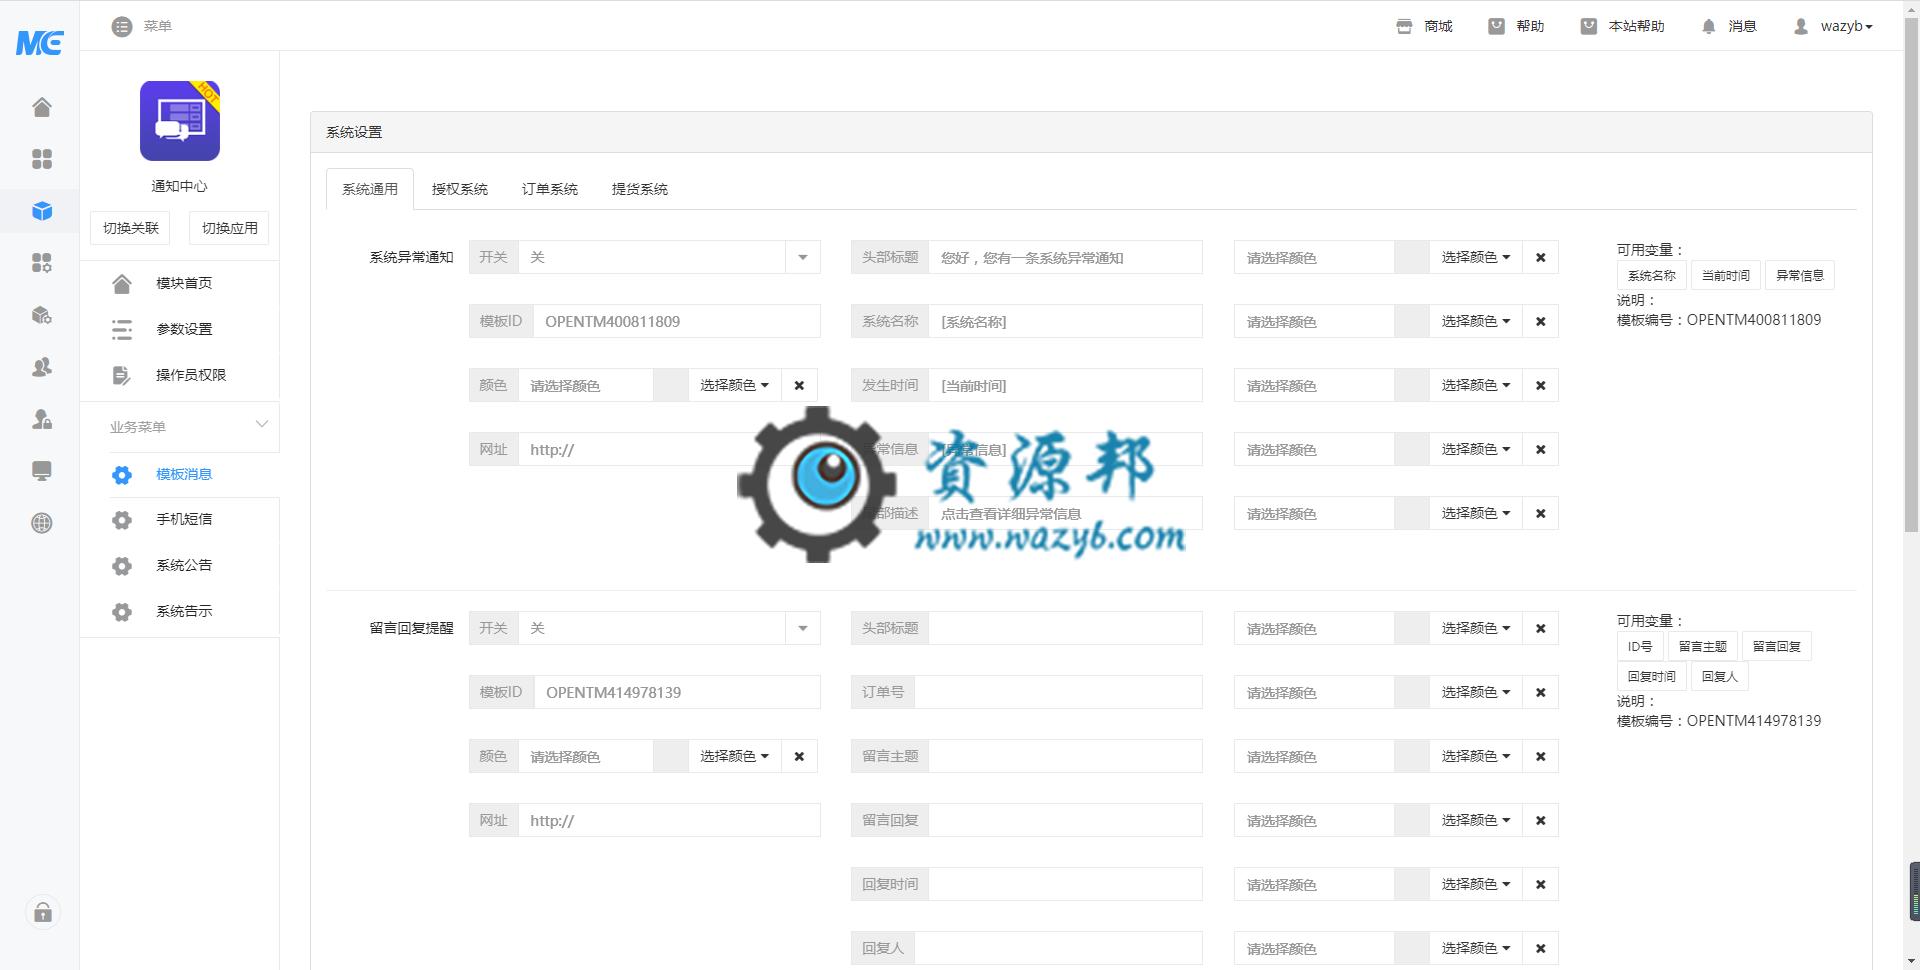 【公众号应用】通知中心V2.1.0完整安装包,更新模板 公众号应用 第2张